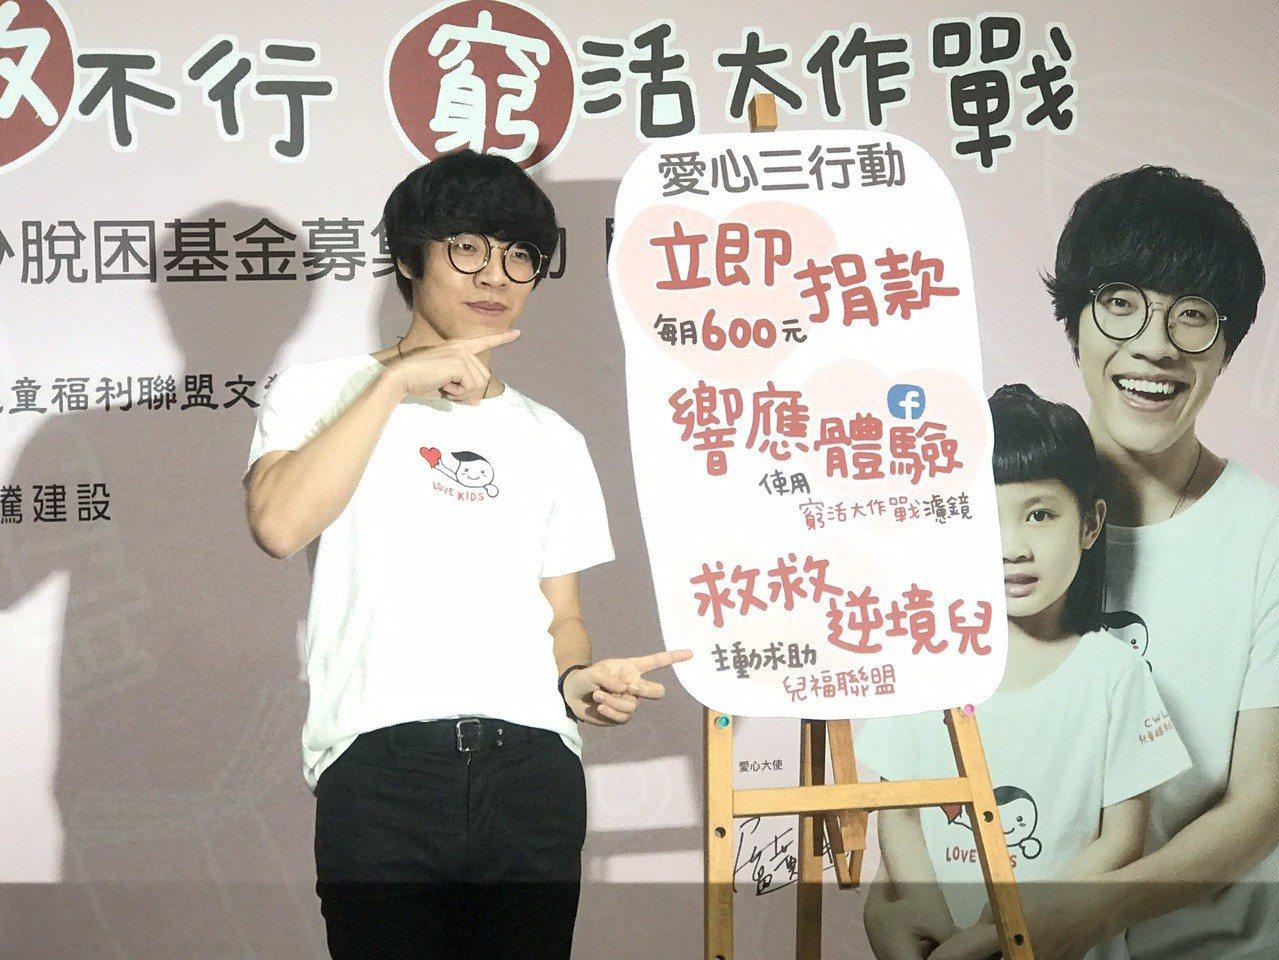 藝人盧廣仲今參加兒盟記者會,呼籲大家援助逆境家庭。記者葉冠妤/攝影